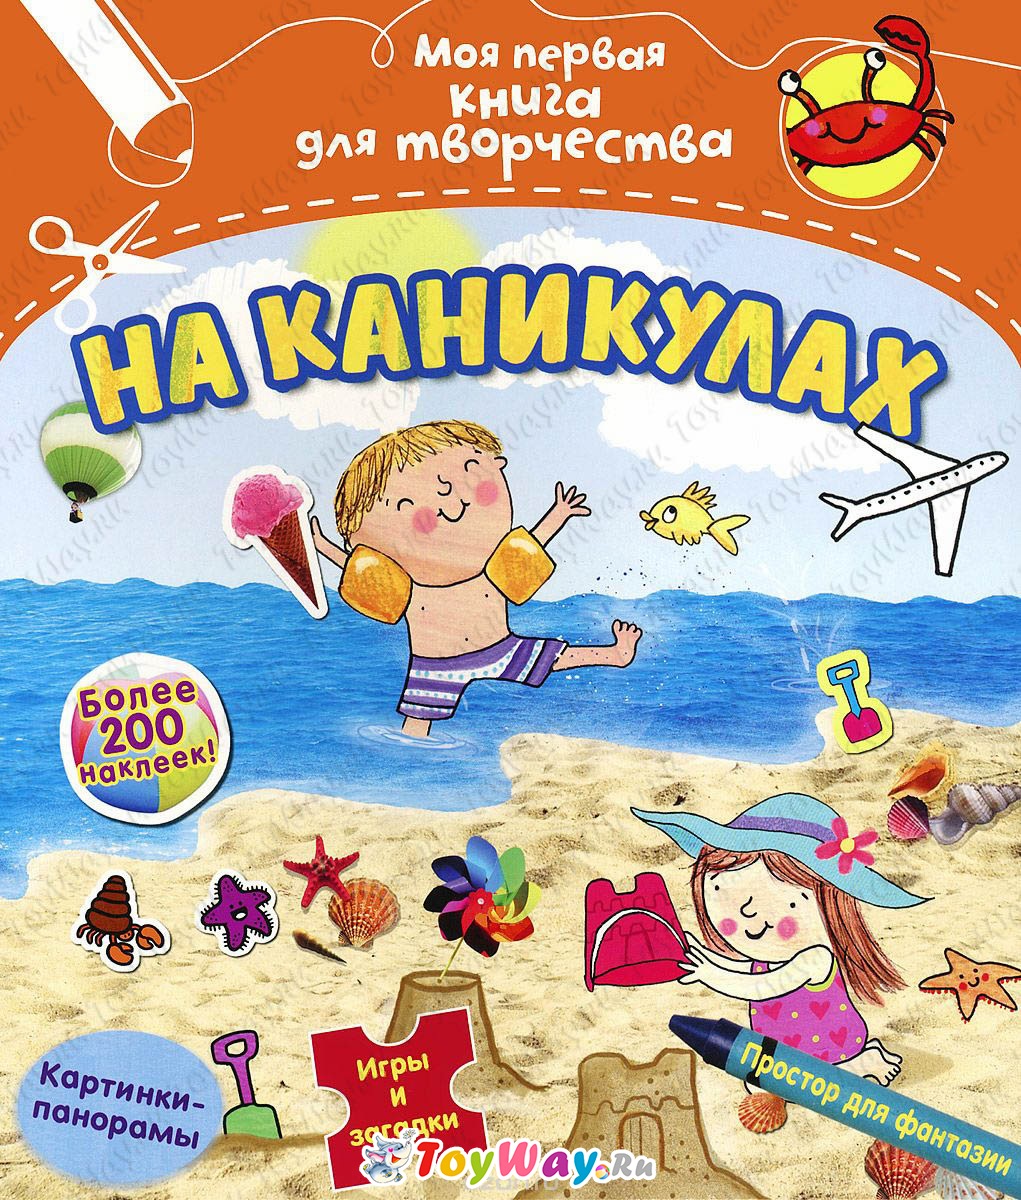 Купить Книга из серии - Моя первая книга для творчества - На каникулах, с наклейками, Махаон